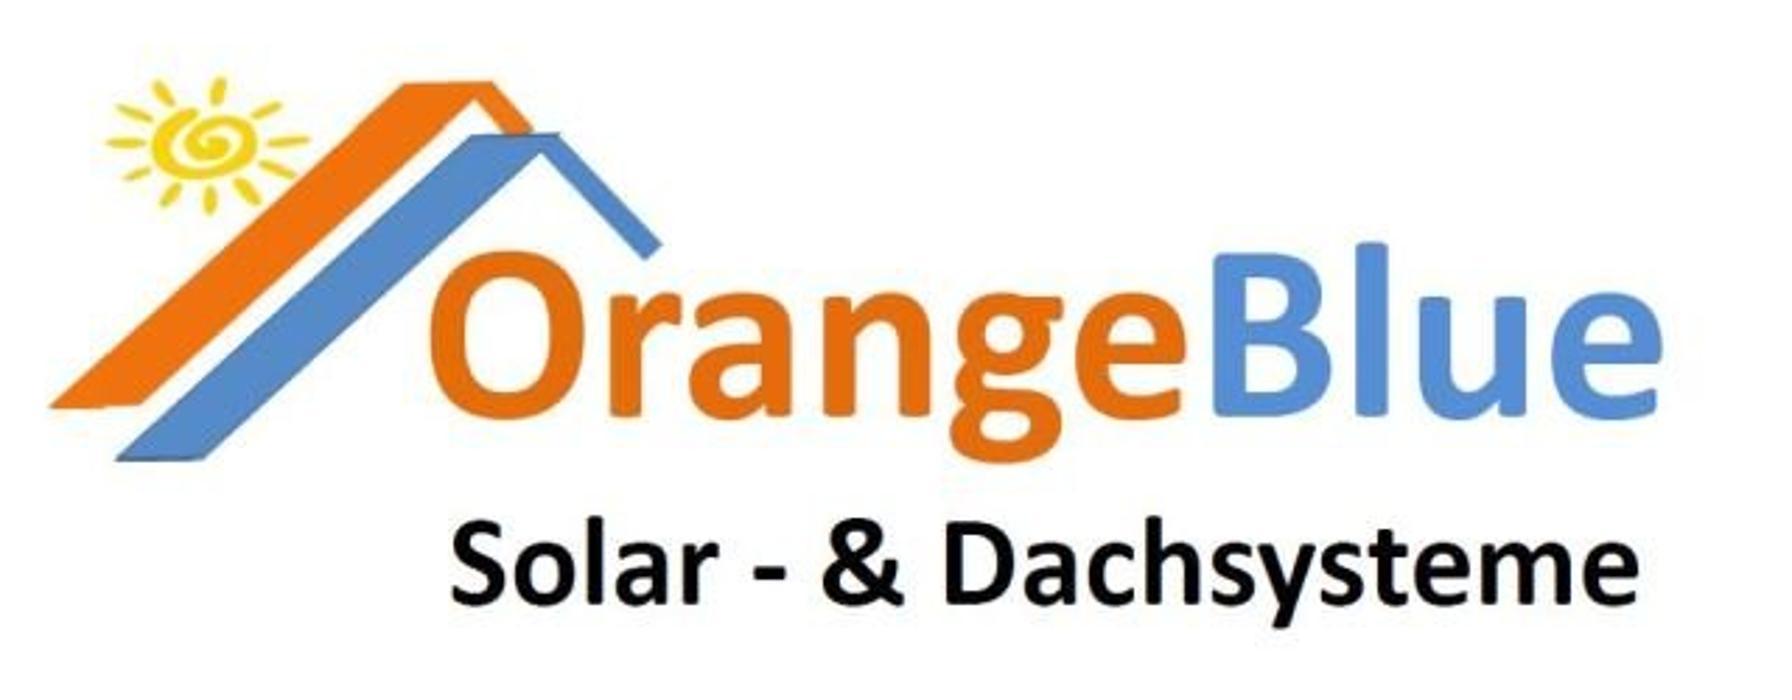 Bild zu OrangeBlue Solar - & Dachsysteme GmbH in Pohlheim